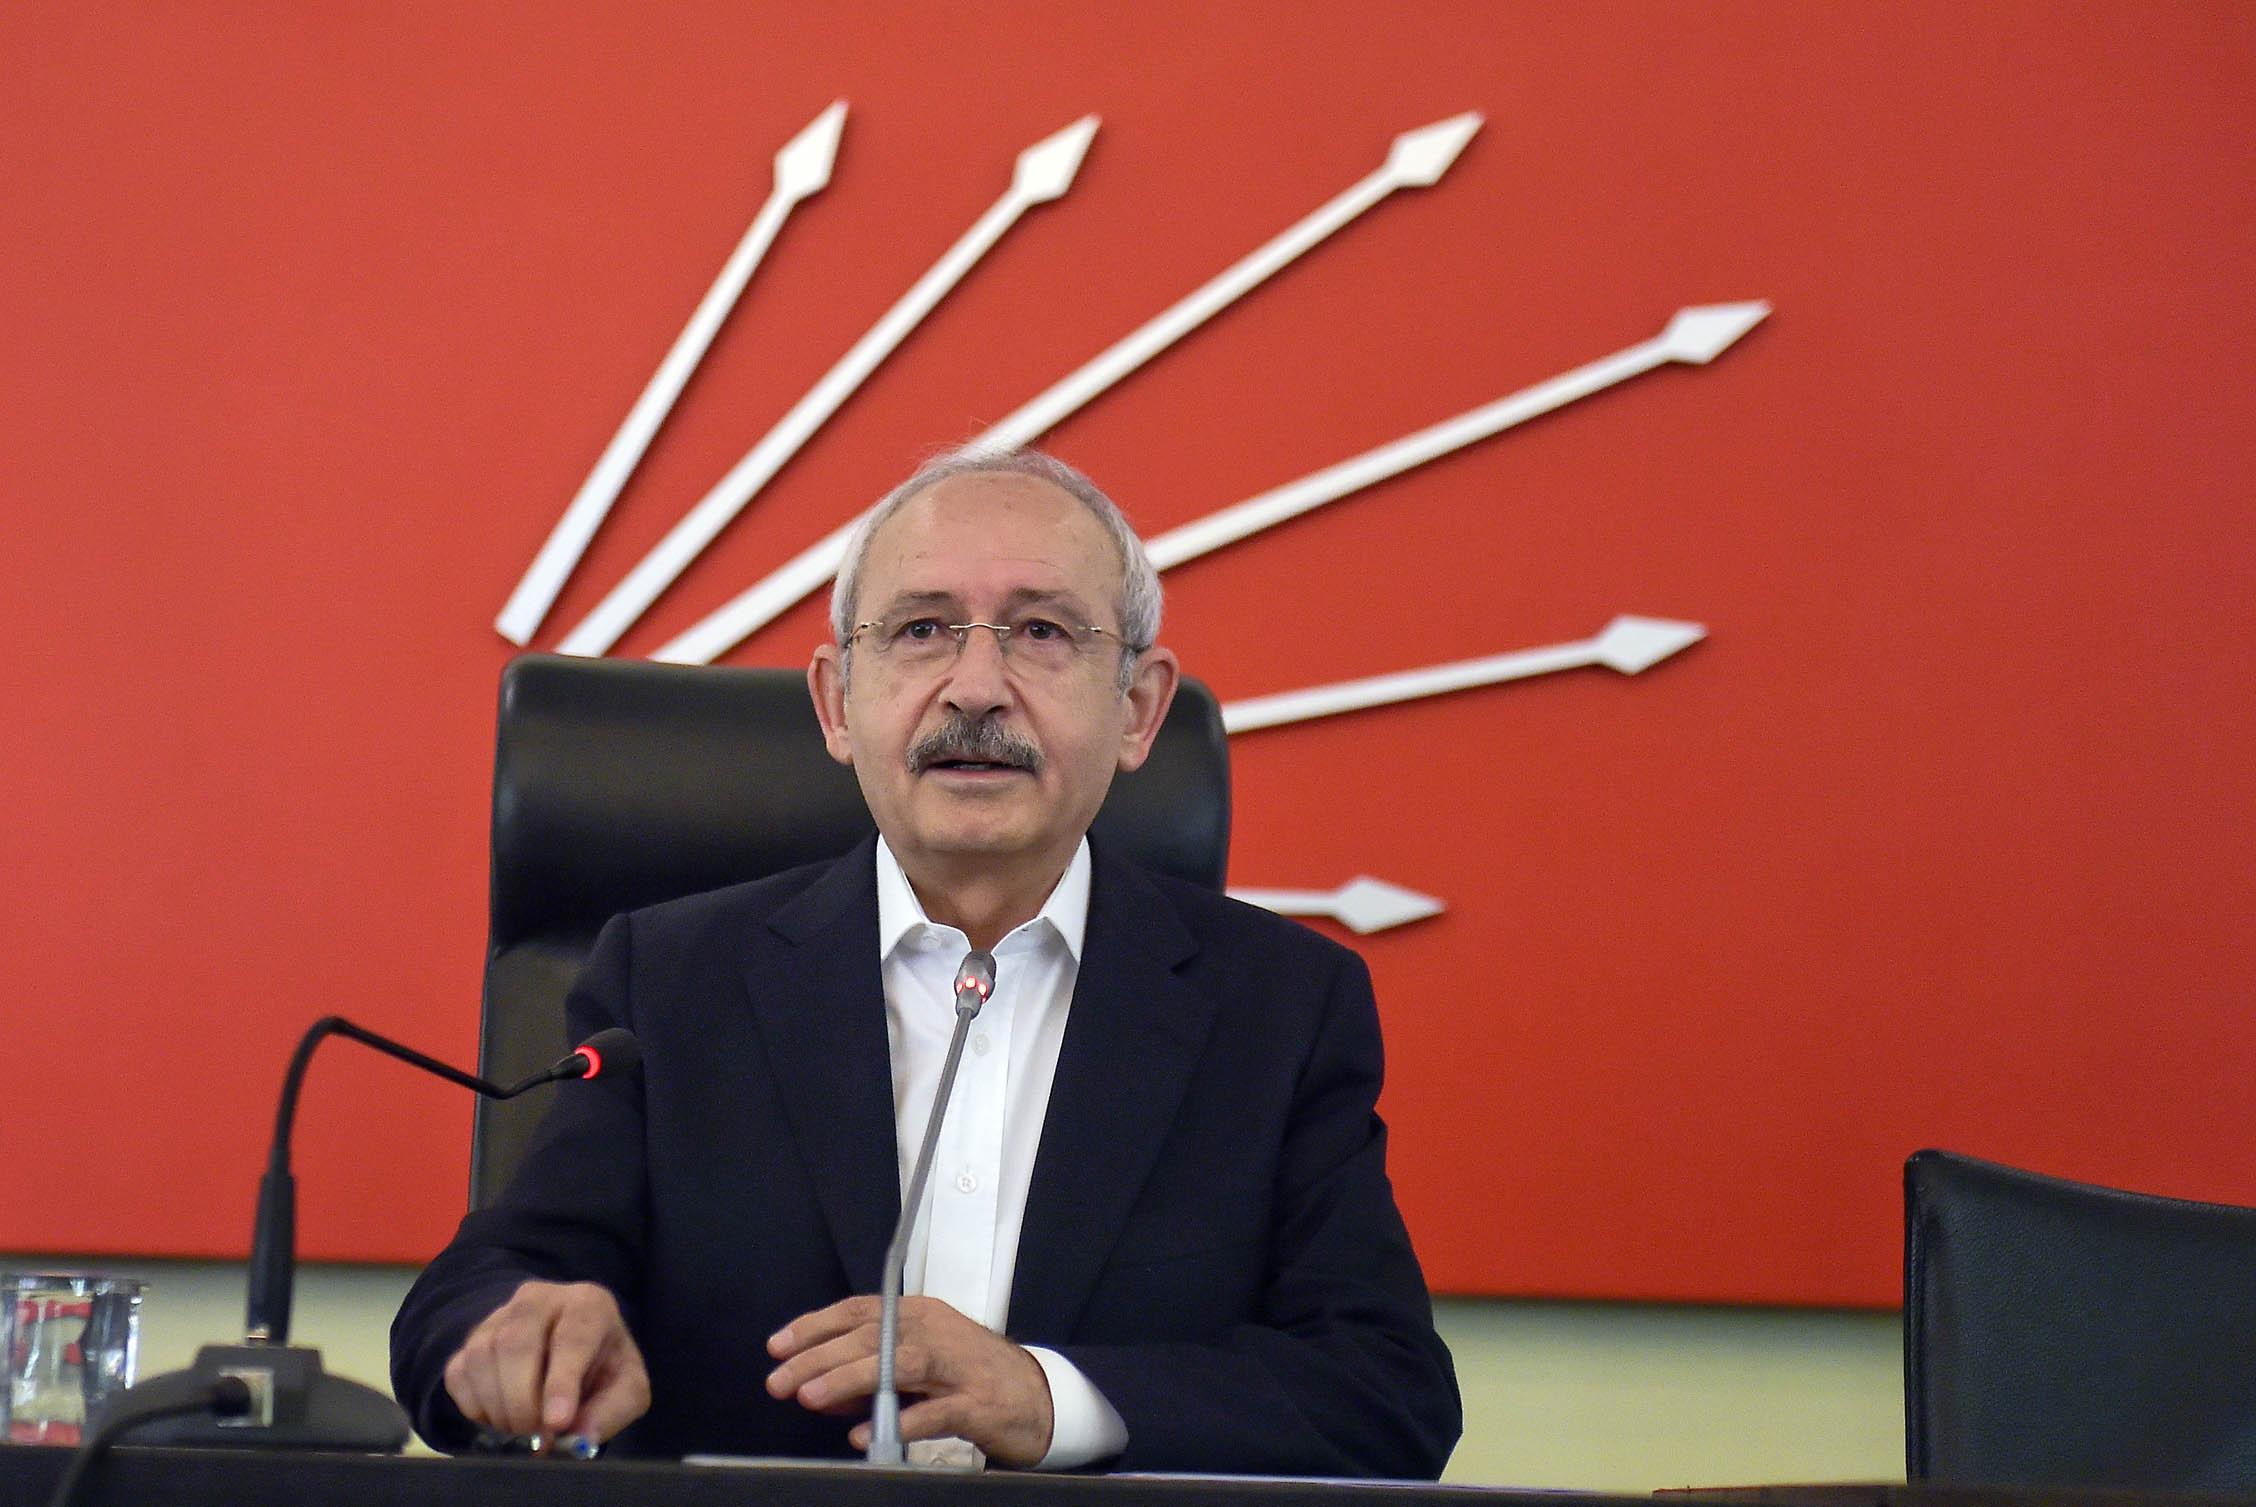 Kılıçdaroğlu'nun Emri İle CHP'de Şok Bir Gelişme Yaşandı